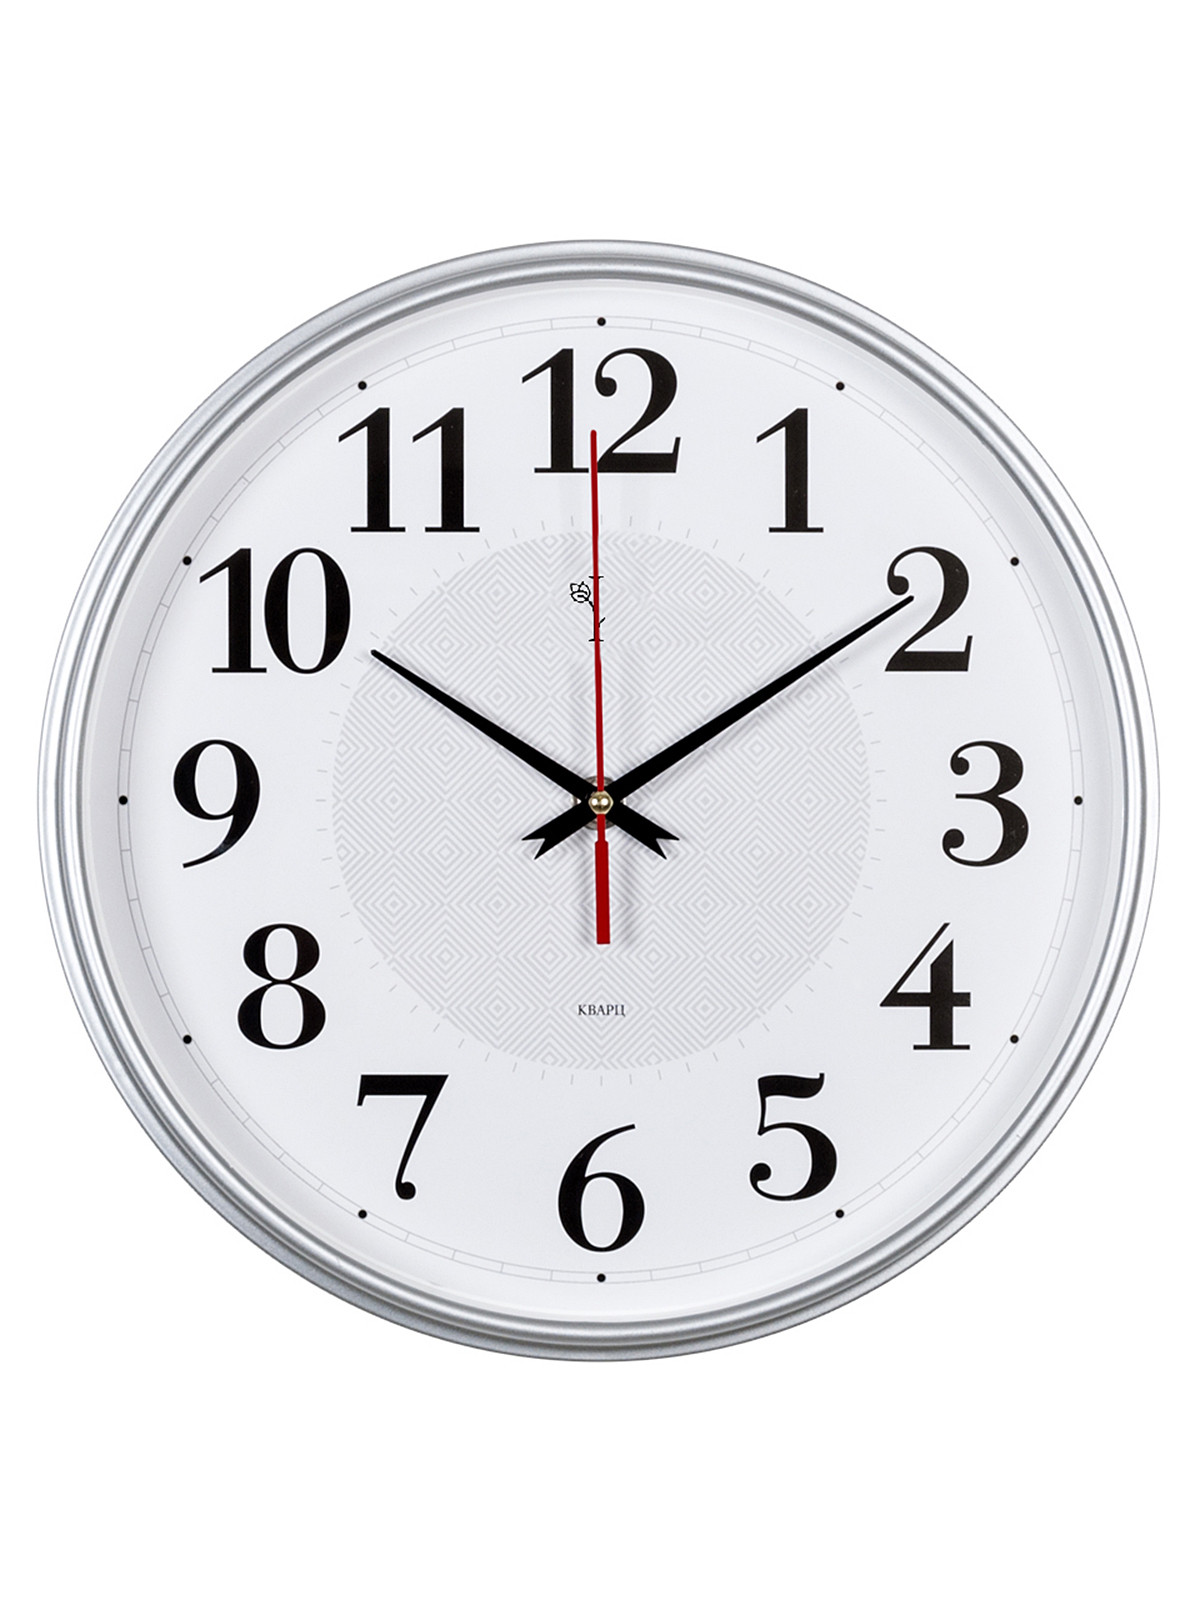 Часы настенные круг d=29см, корпус серебрянный